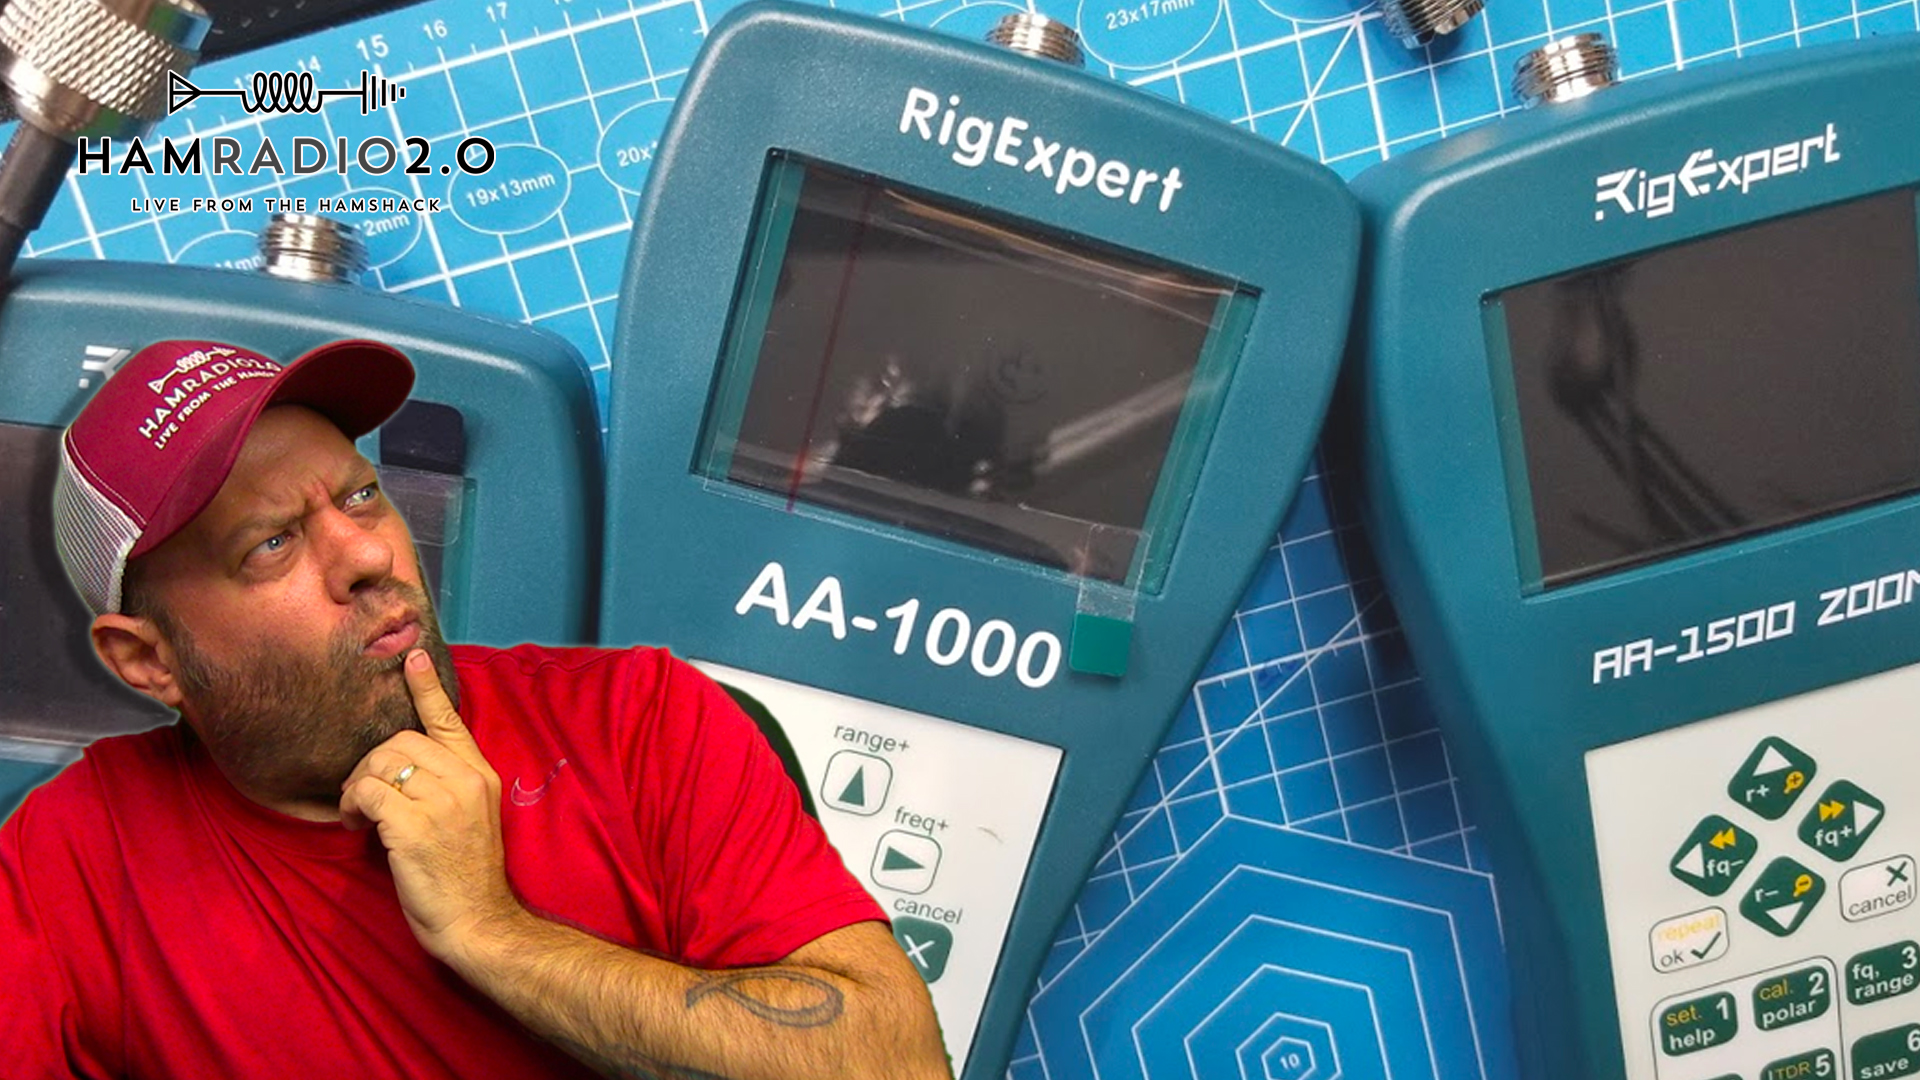 Episode 488: RigExpert GREEN AA-1500 Zoom – Best Antenna Analyzer for Ham Radio